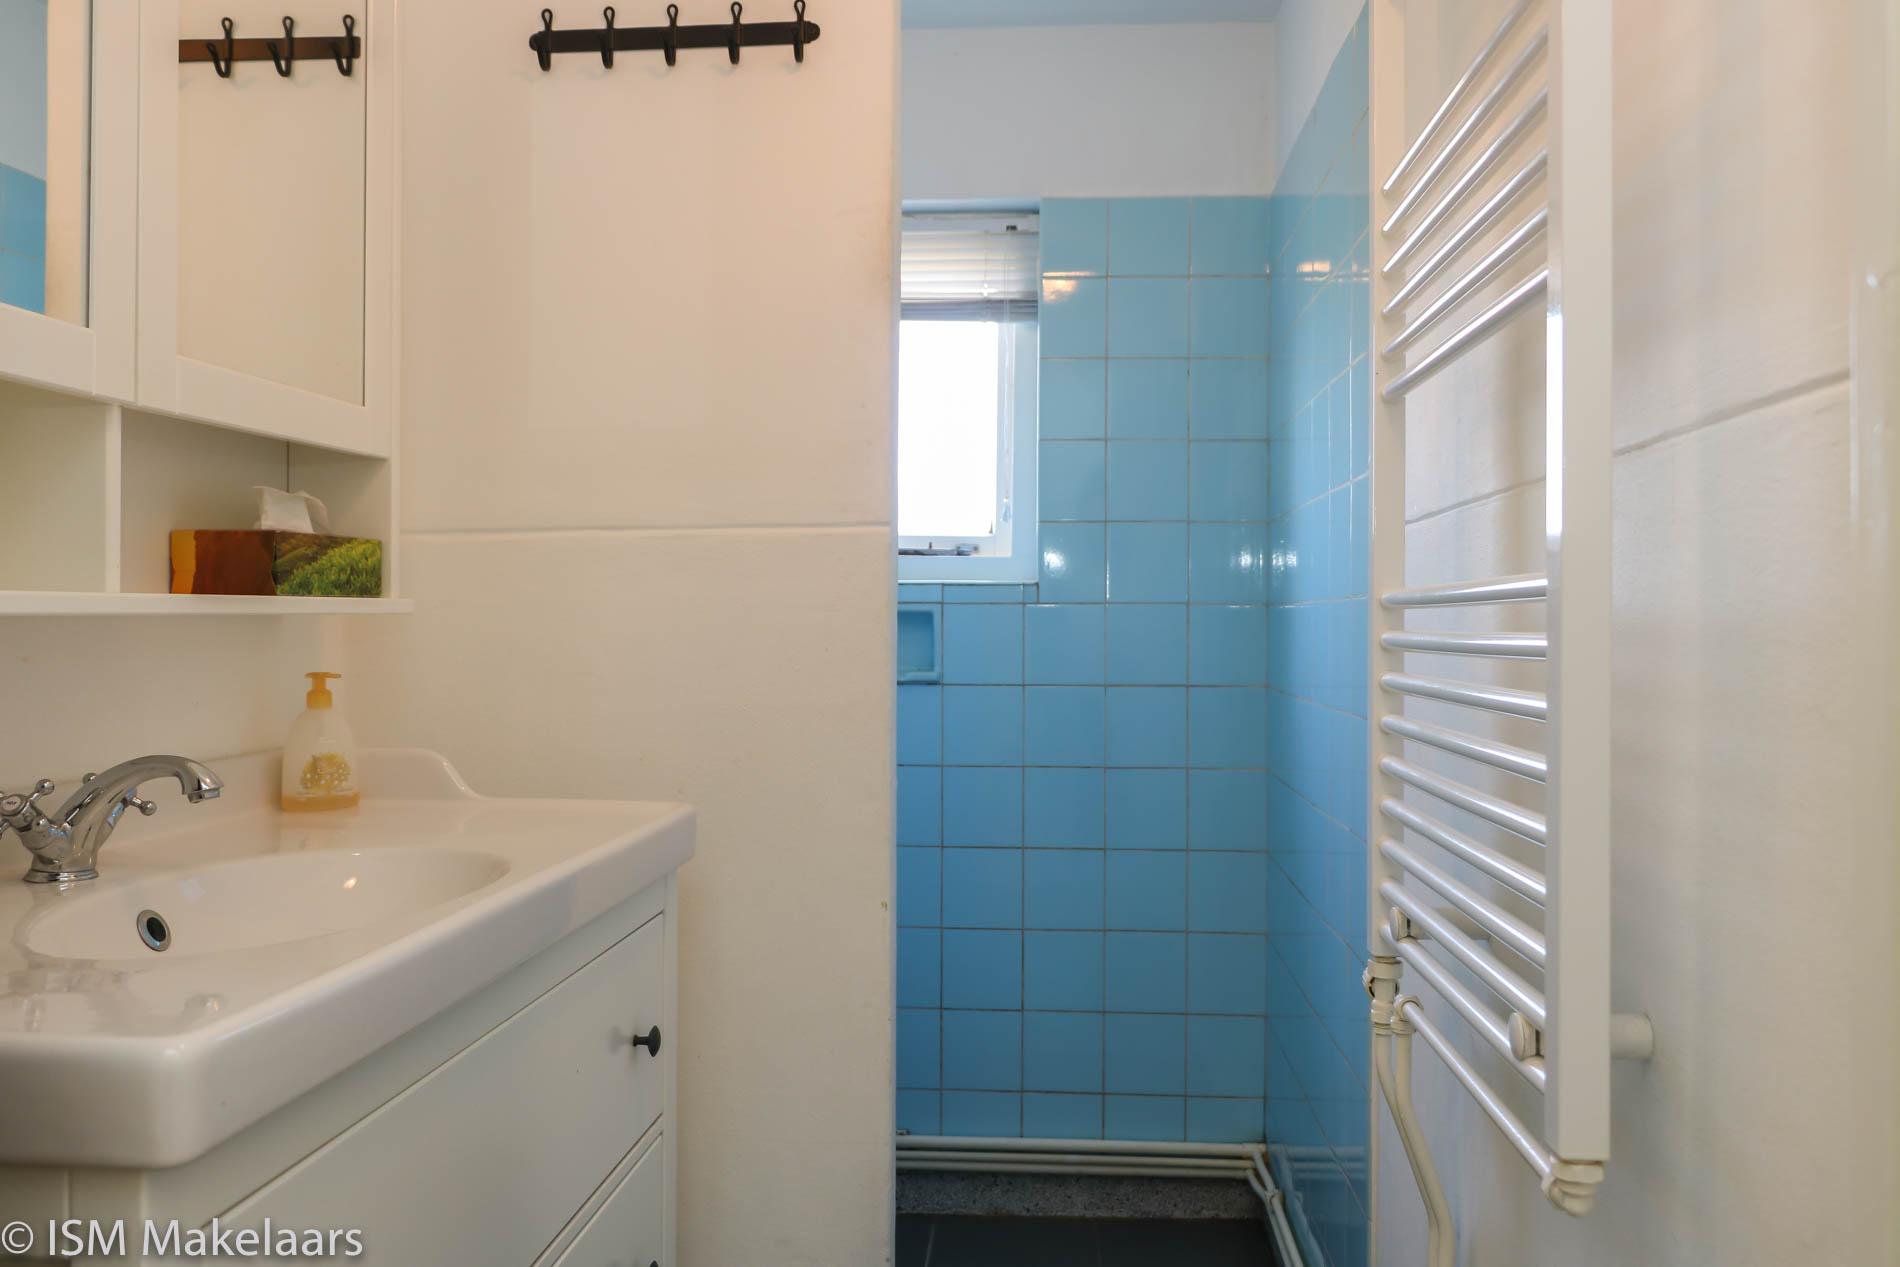 badkamer dorpsstraat 10 wemeldinge ISM Makelaars